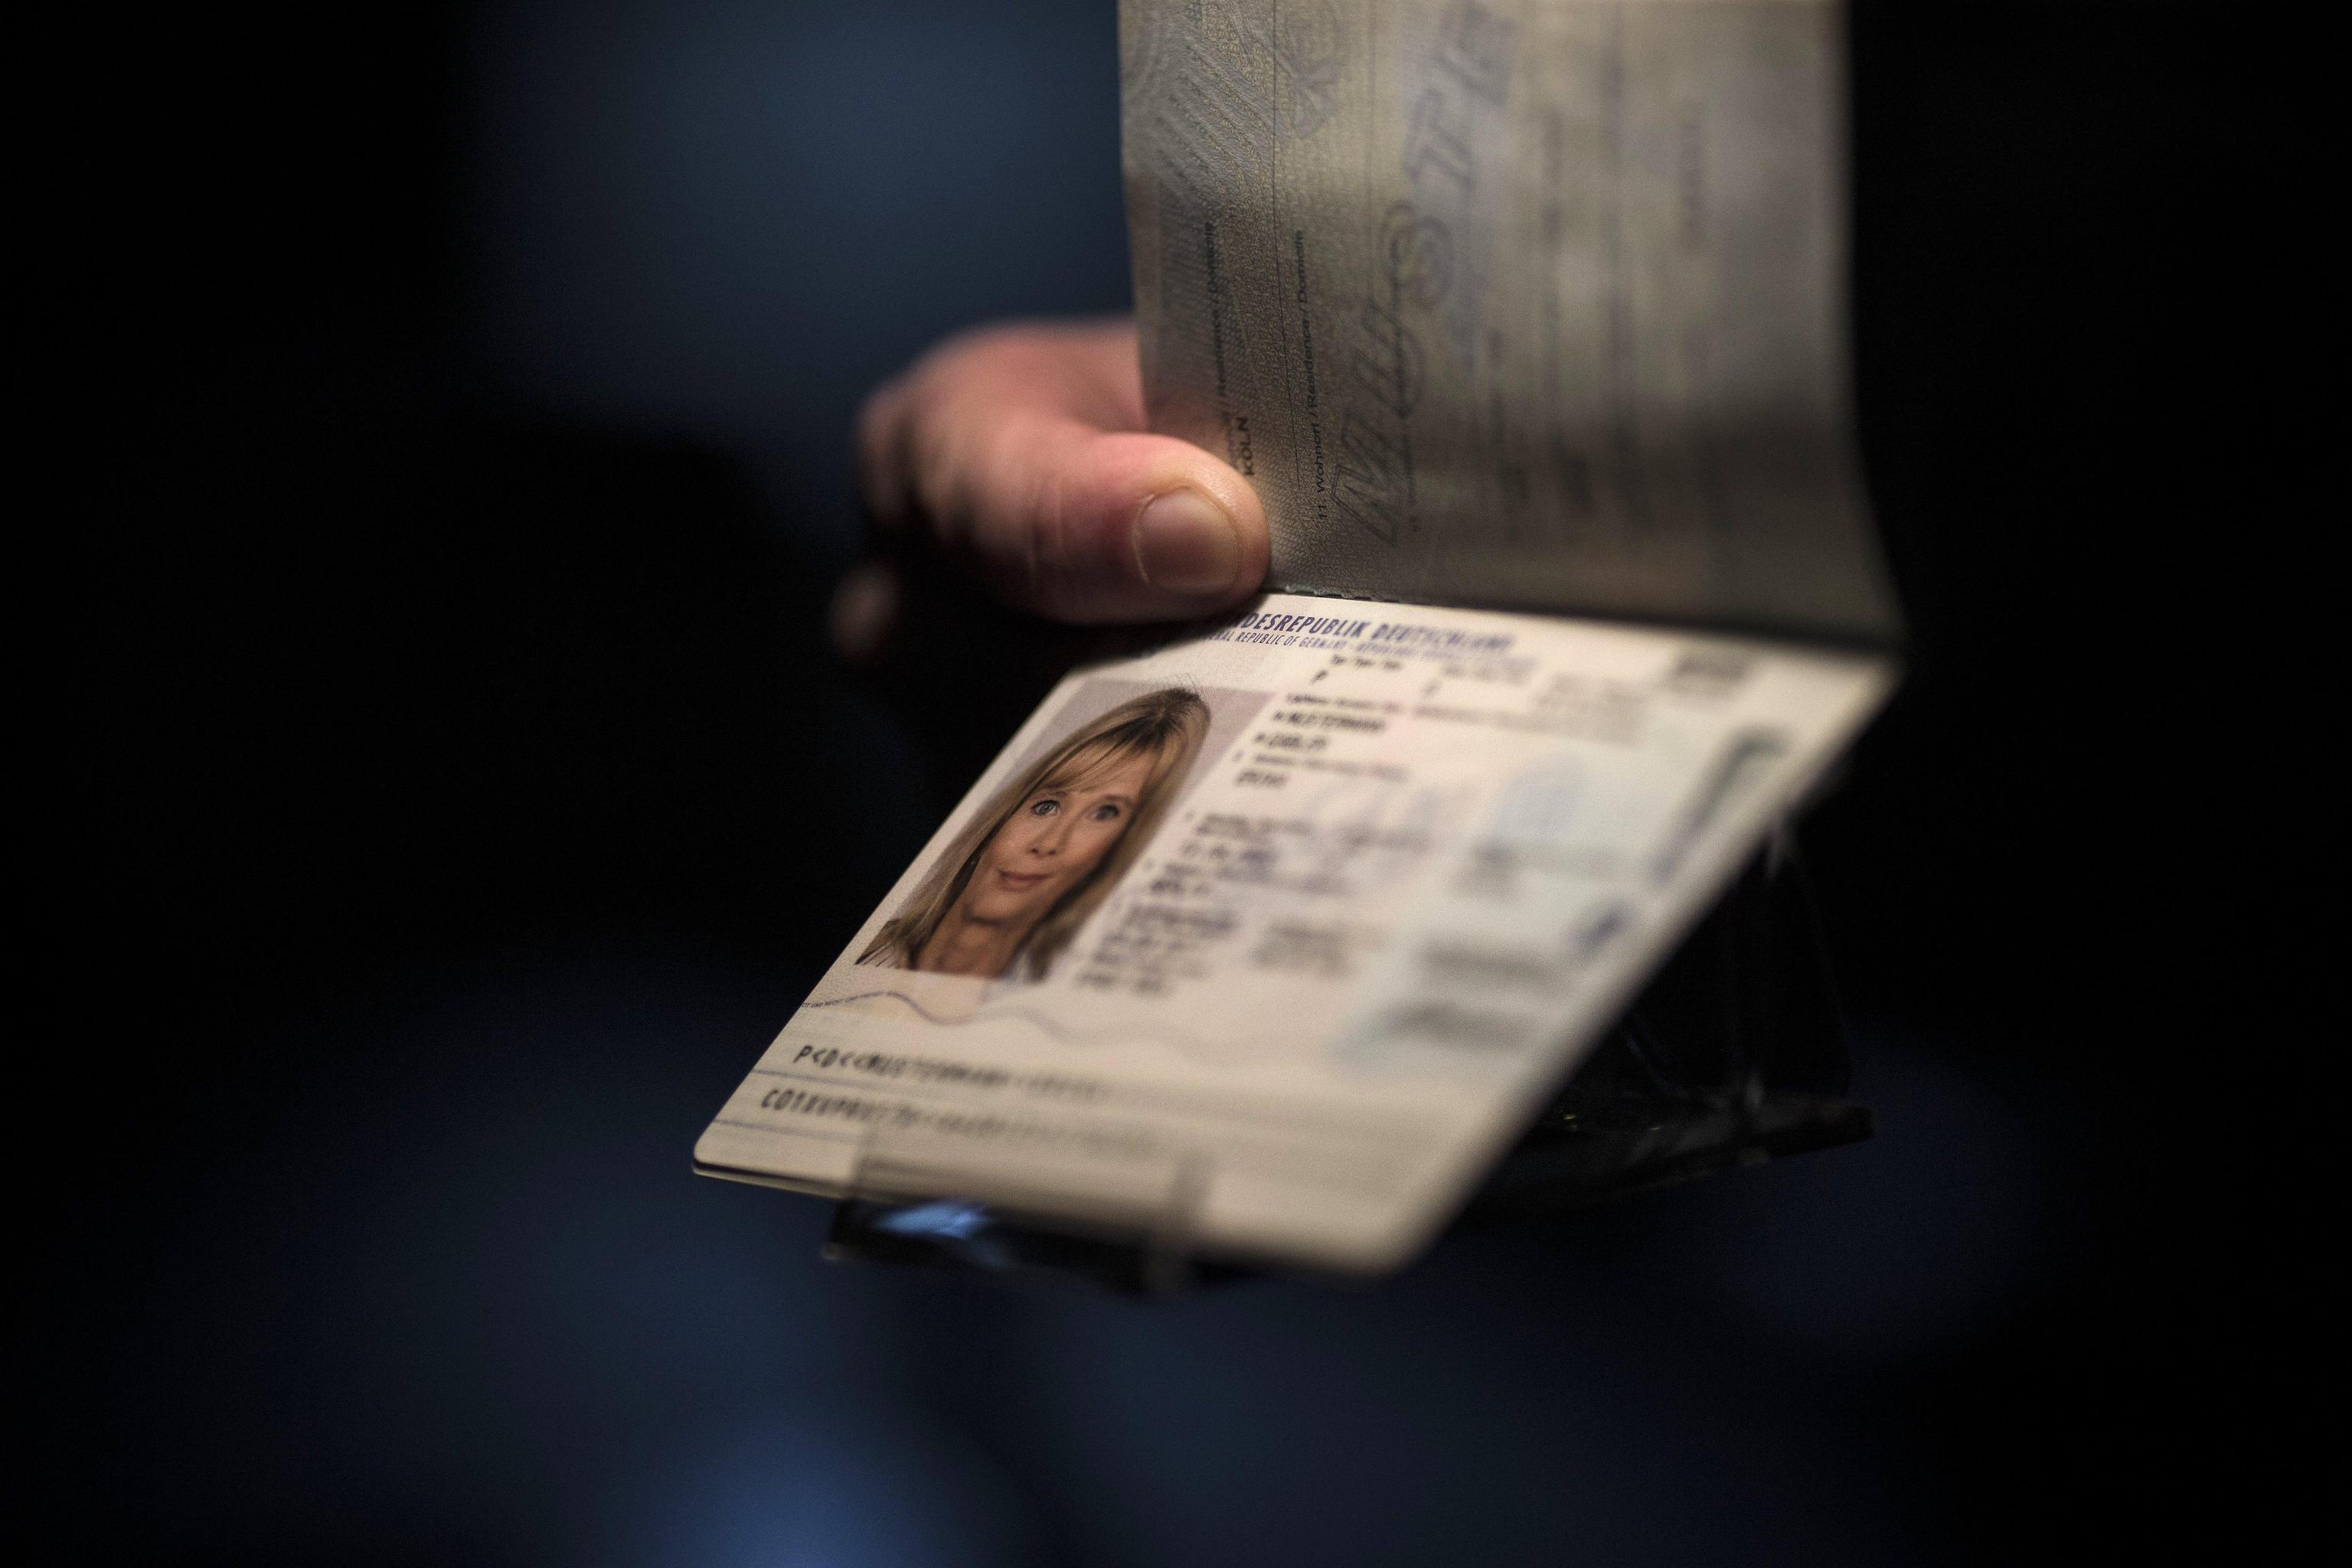 Foto passaporto: dimensioni e caratteristiche della fototessera adatta per il passaporto elettronico